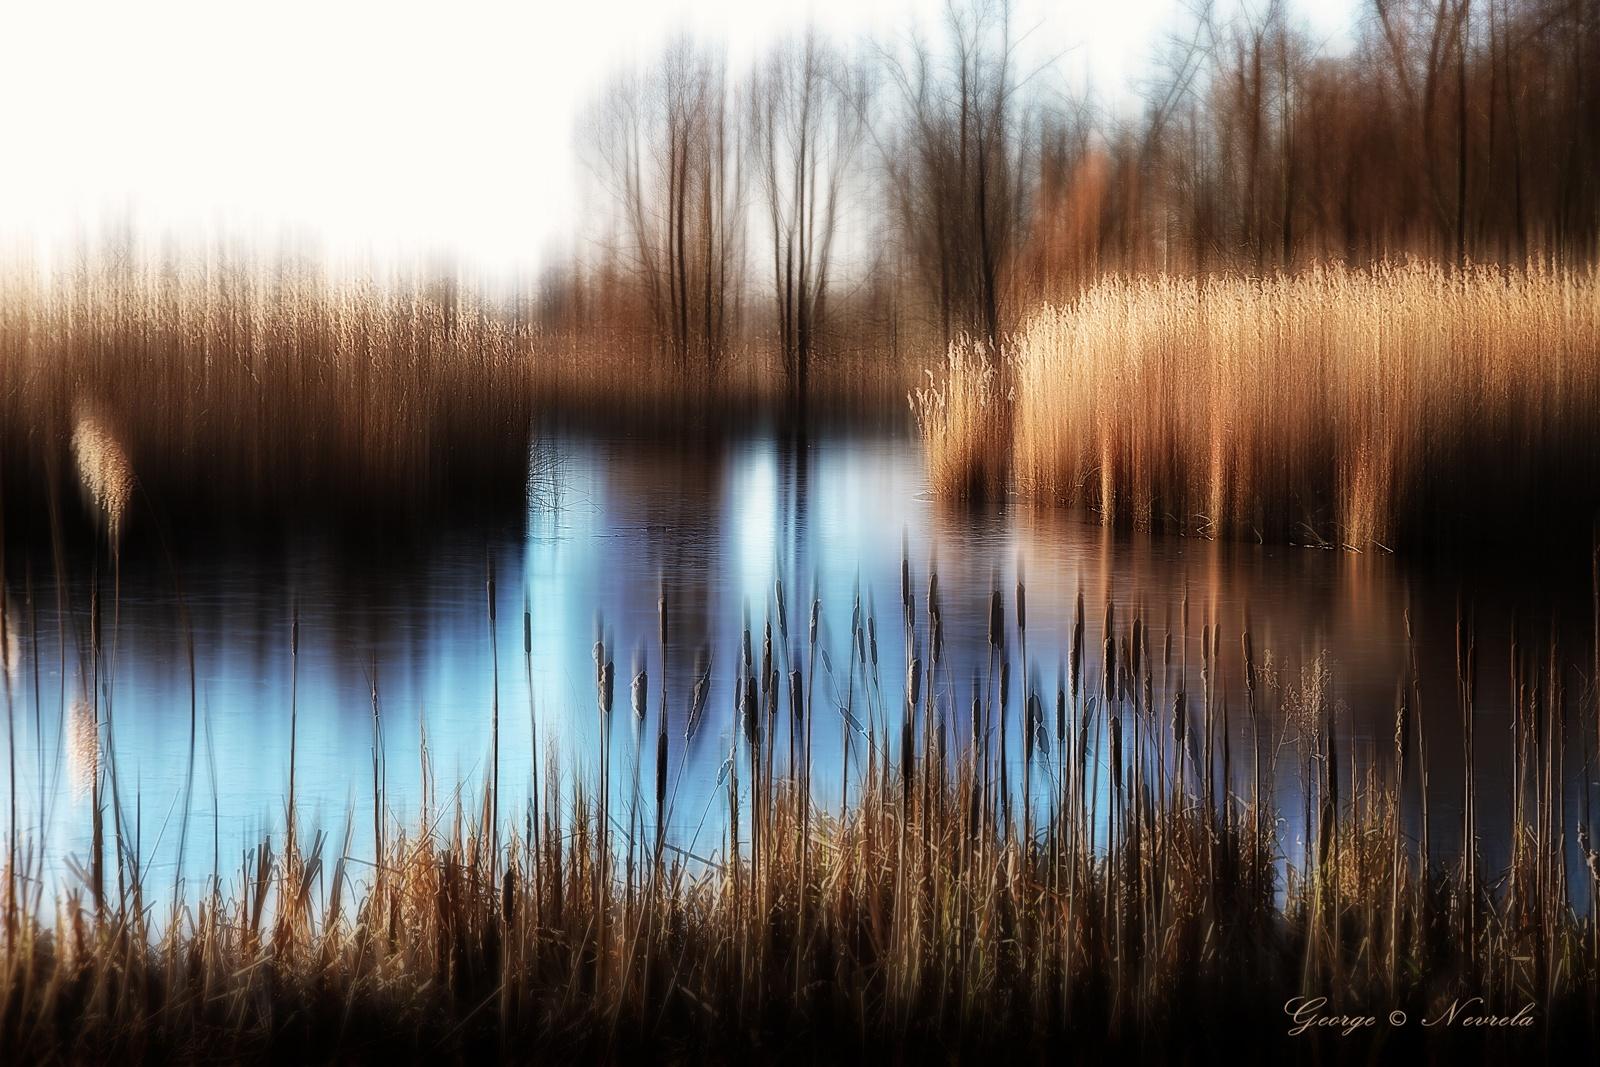 reed on lake by GeorgeNevrela